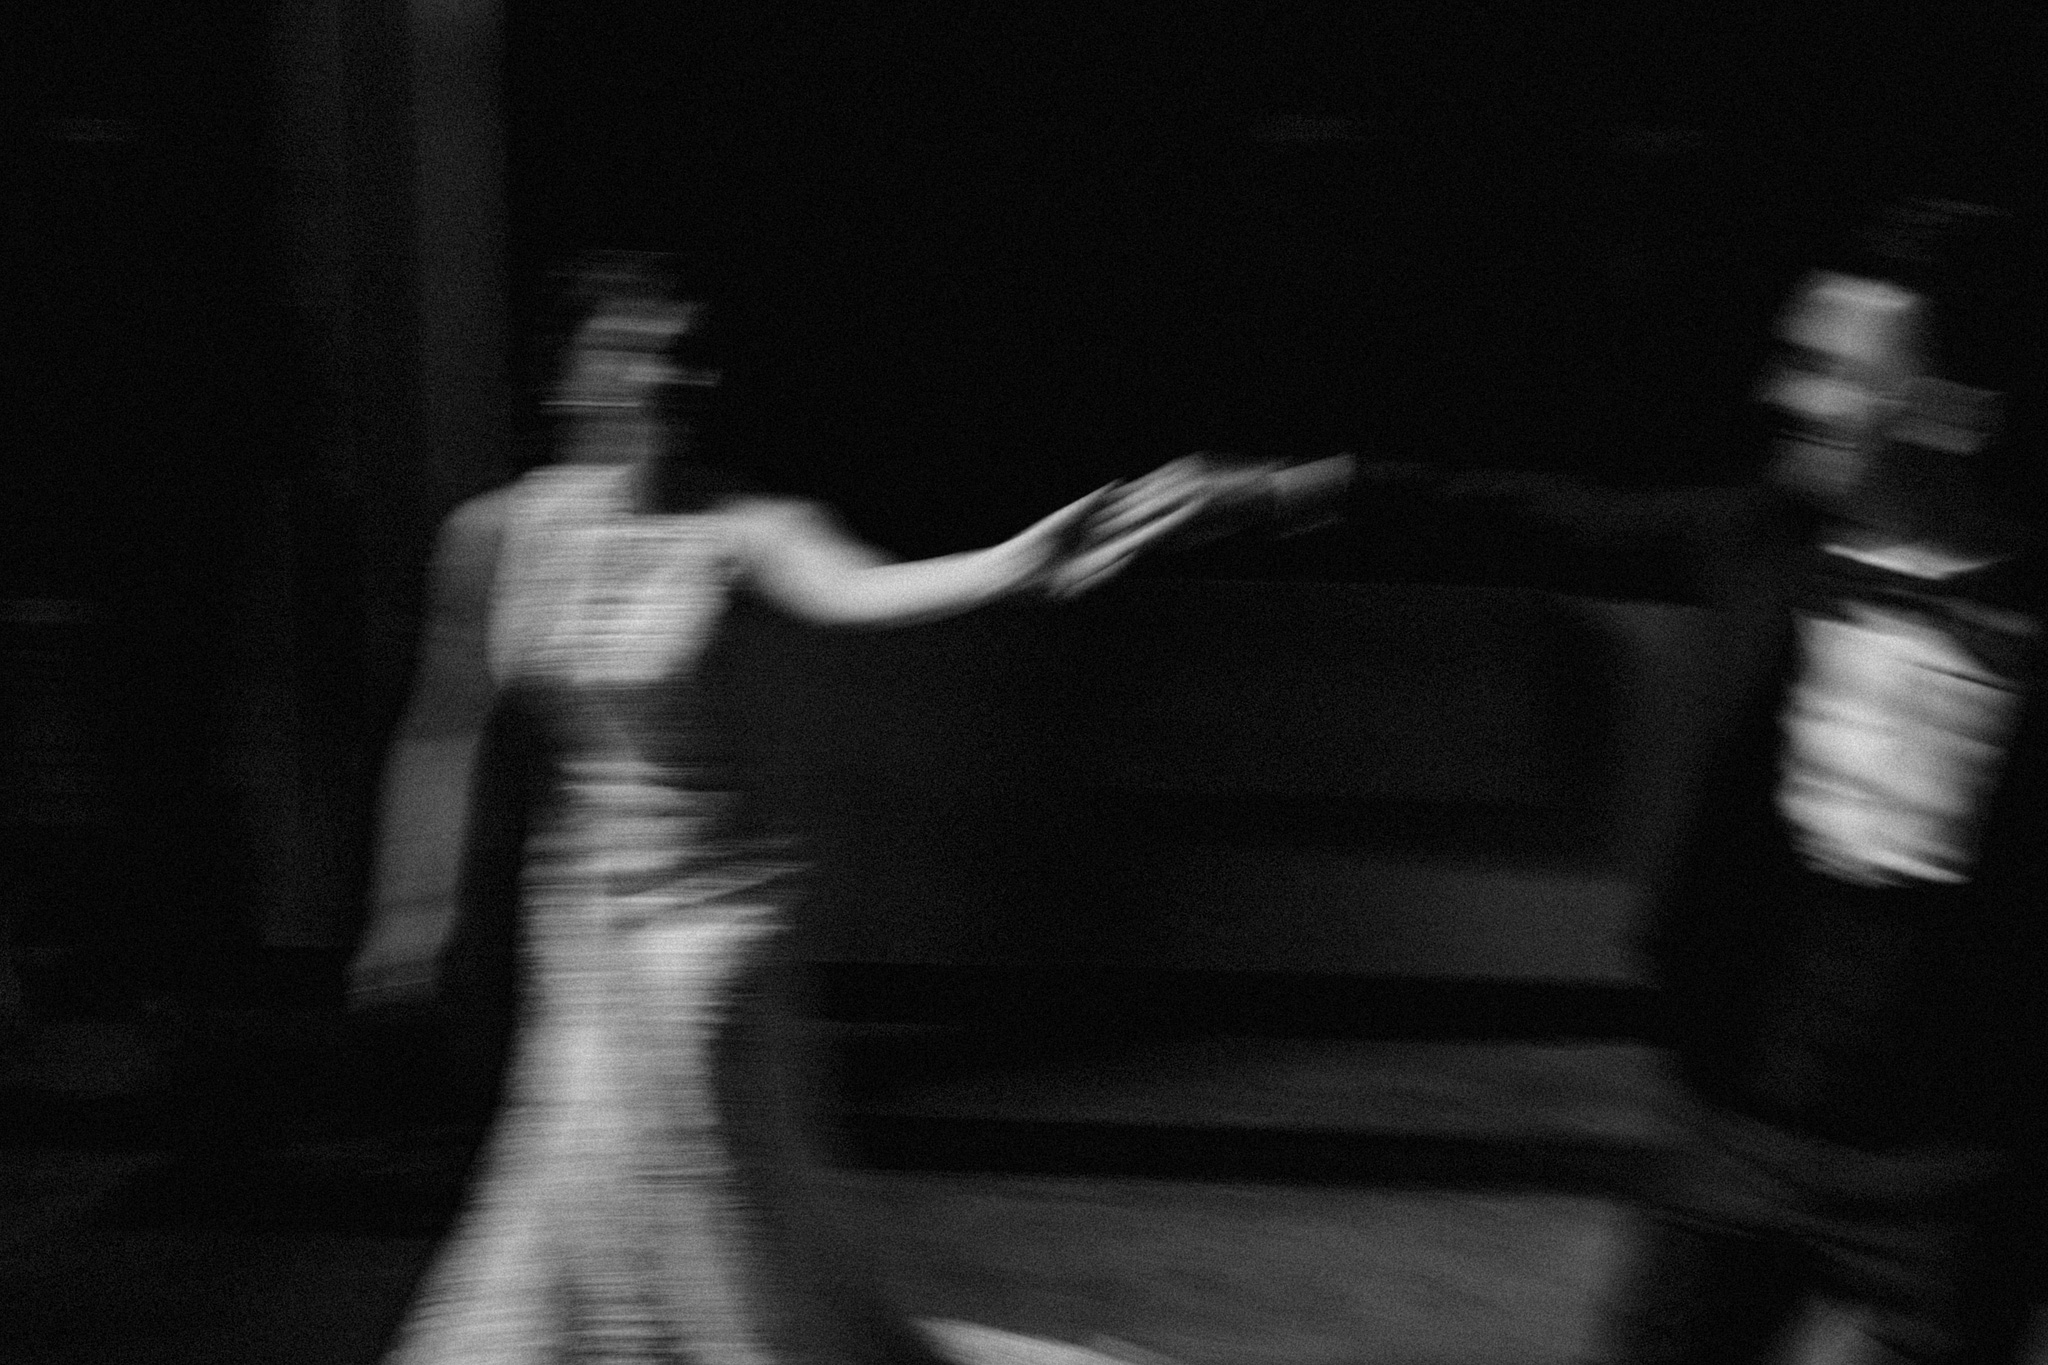 Bruidspaar in beweging tijdens fotoshoot dans